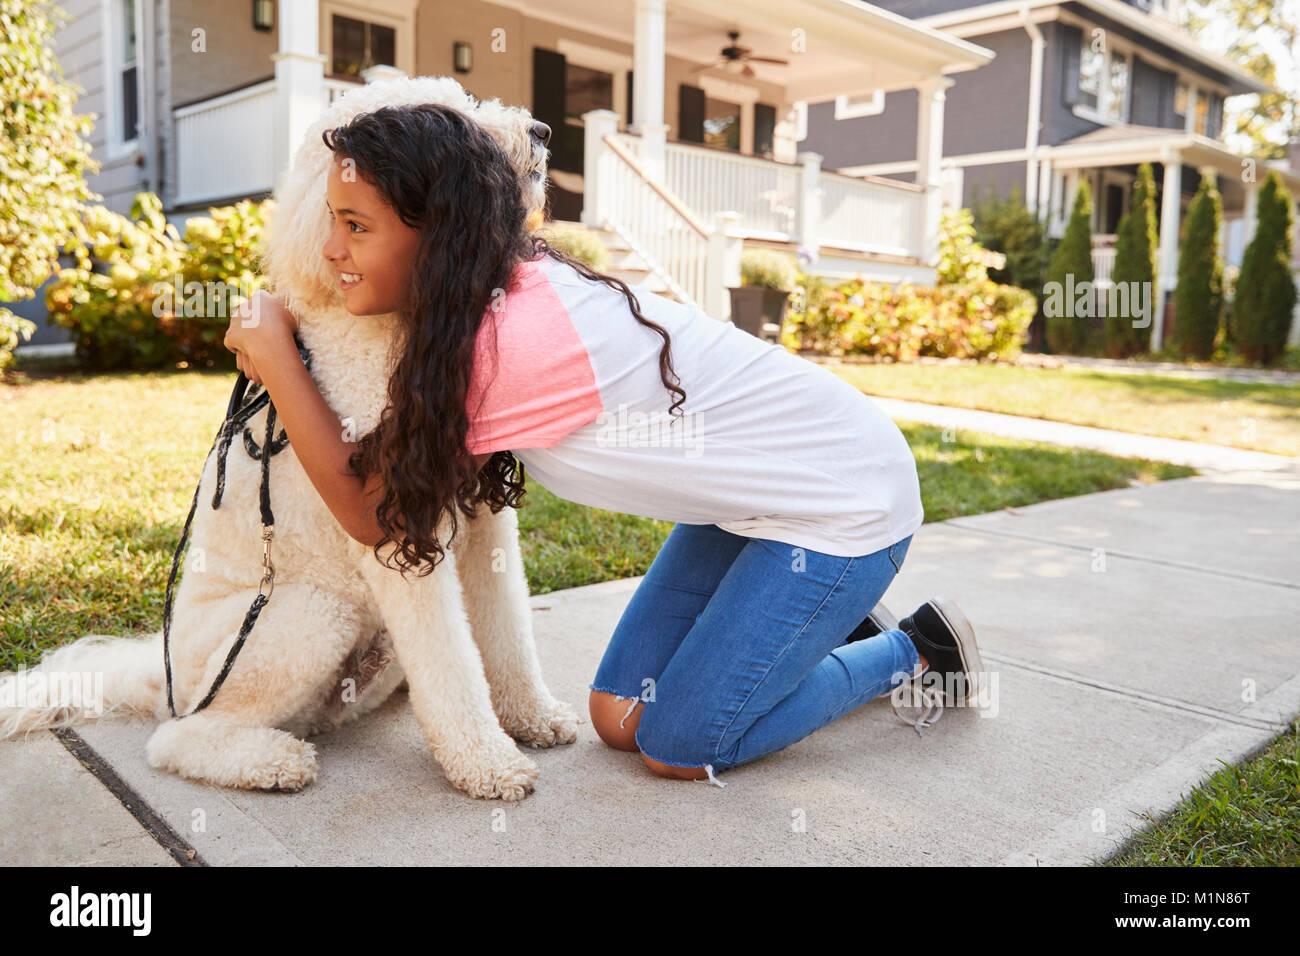 Chica perro caminando a lo largo de la calle suburbana Foto de stock